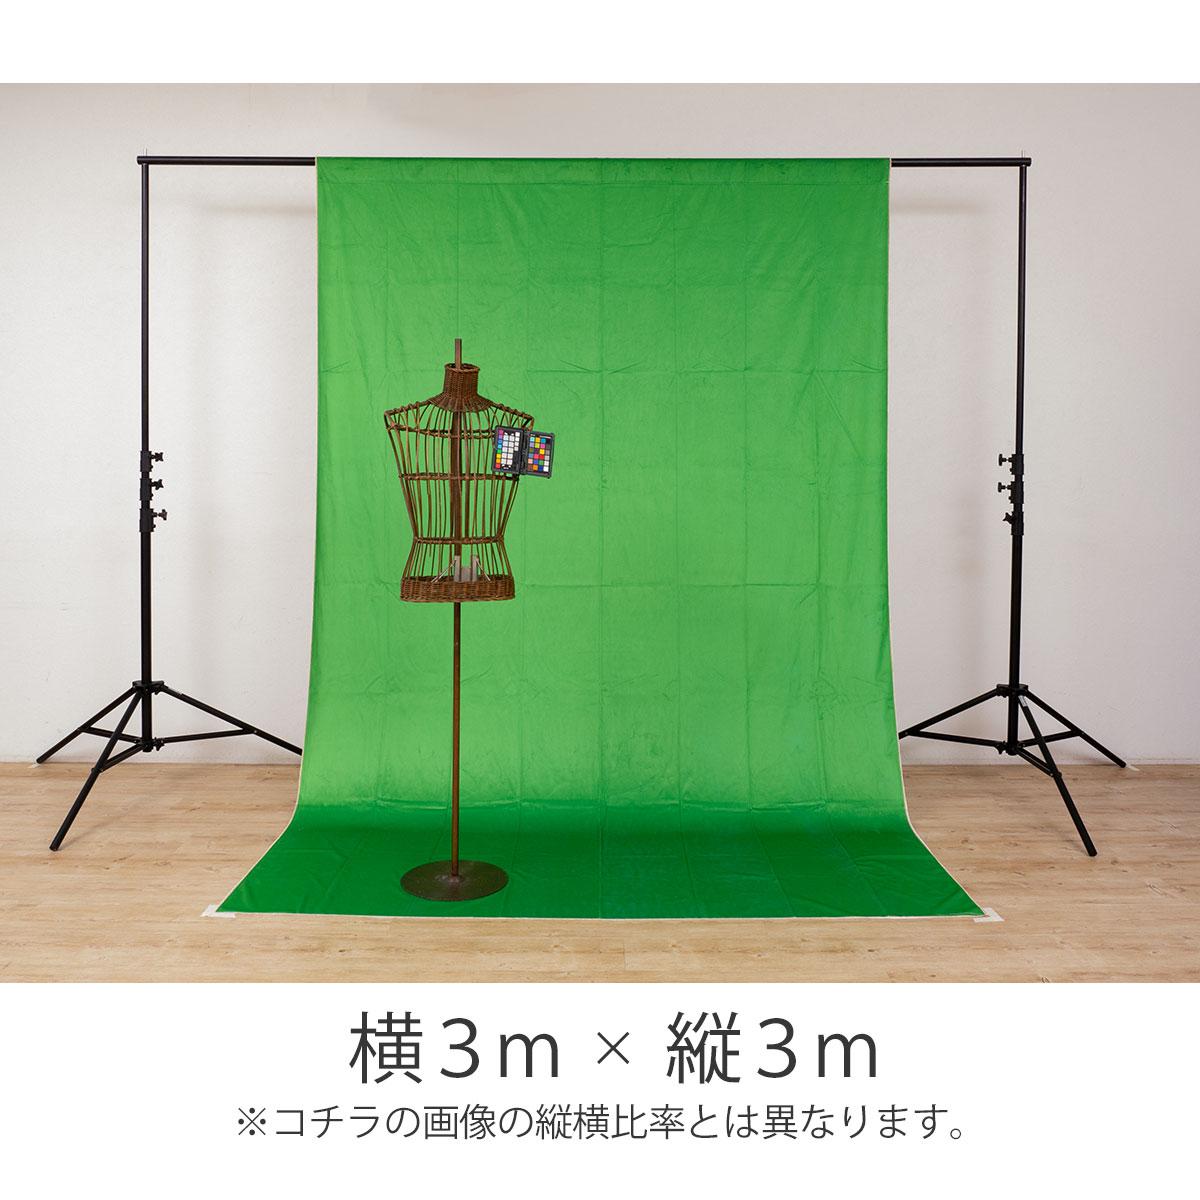 マイクロファイバー・撮影用シーン背景グリーン(横3m×縦3m)_LL-0048-33